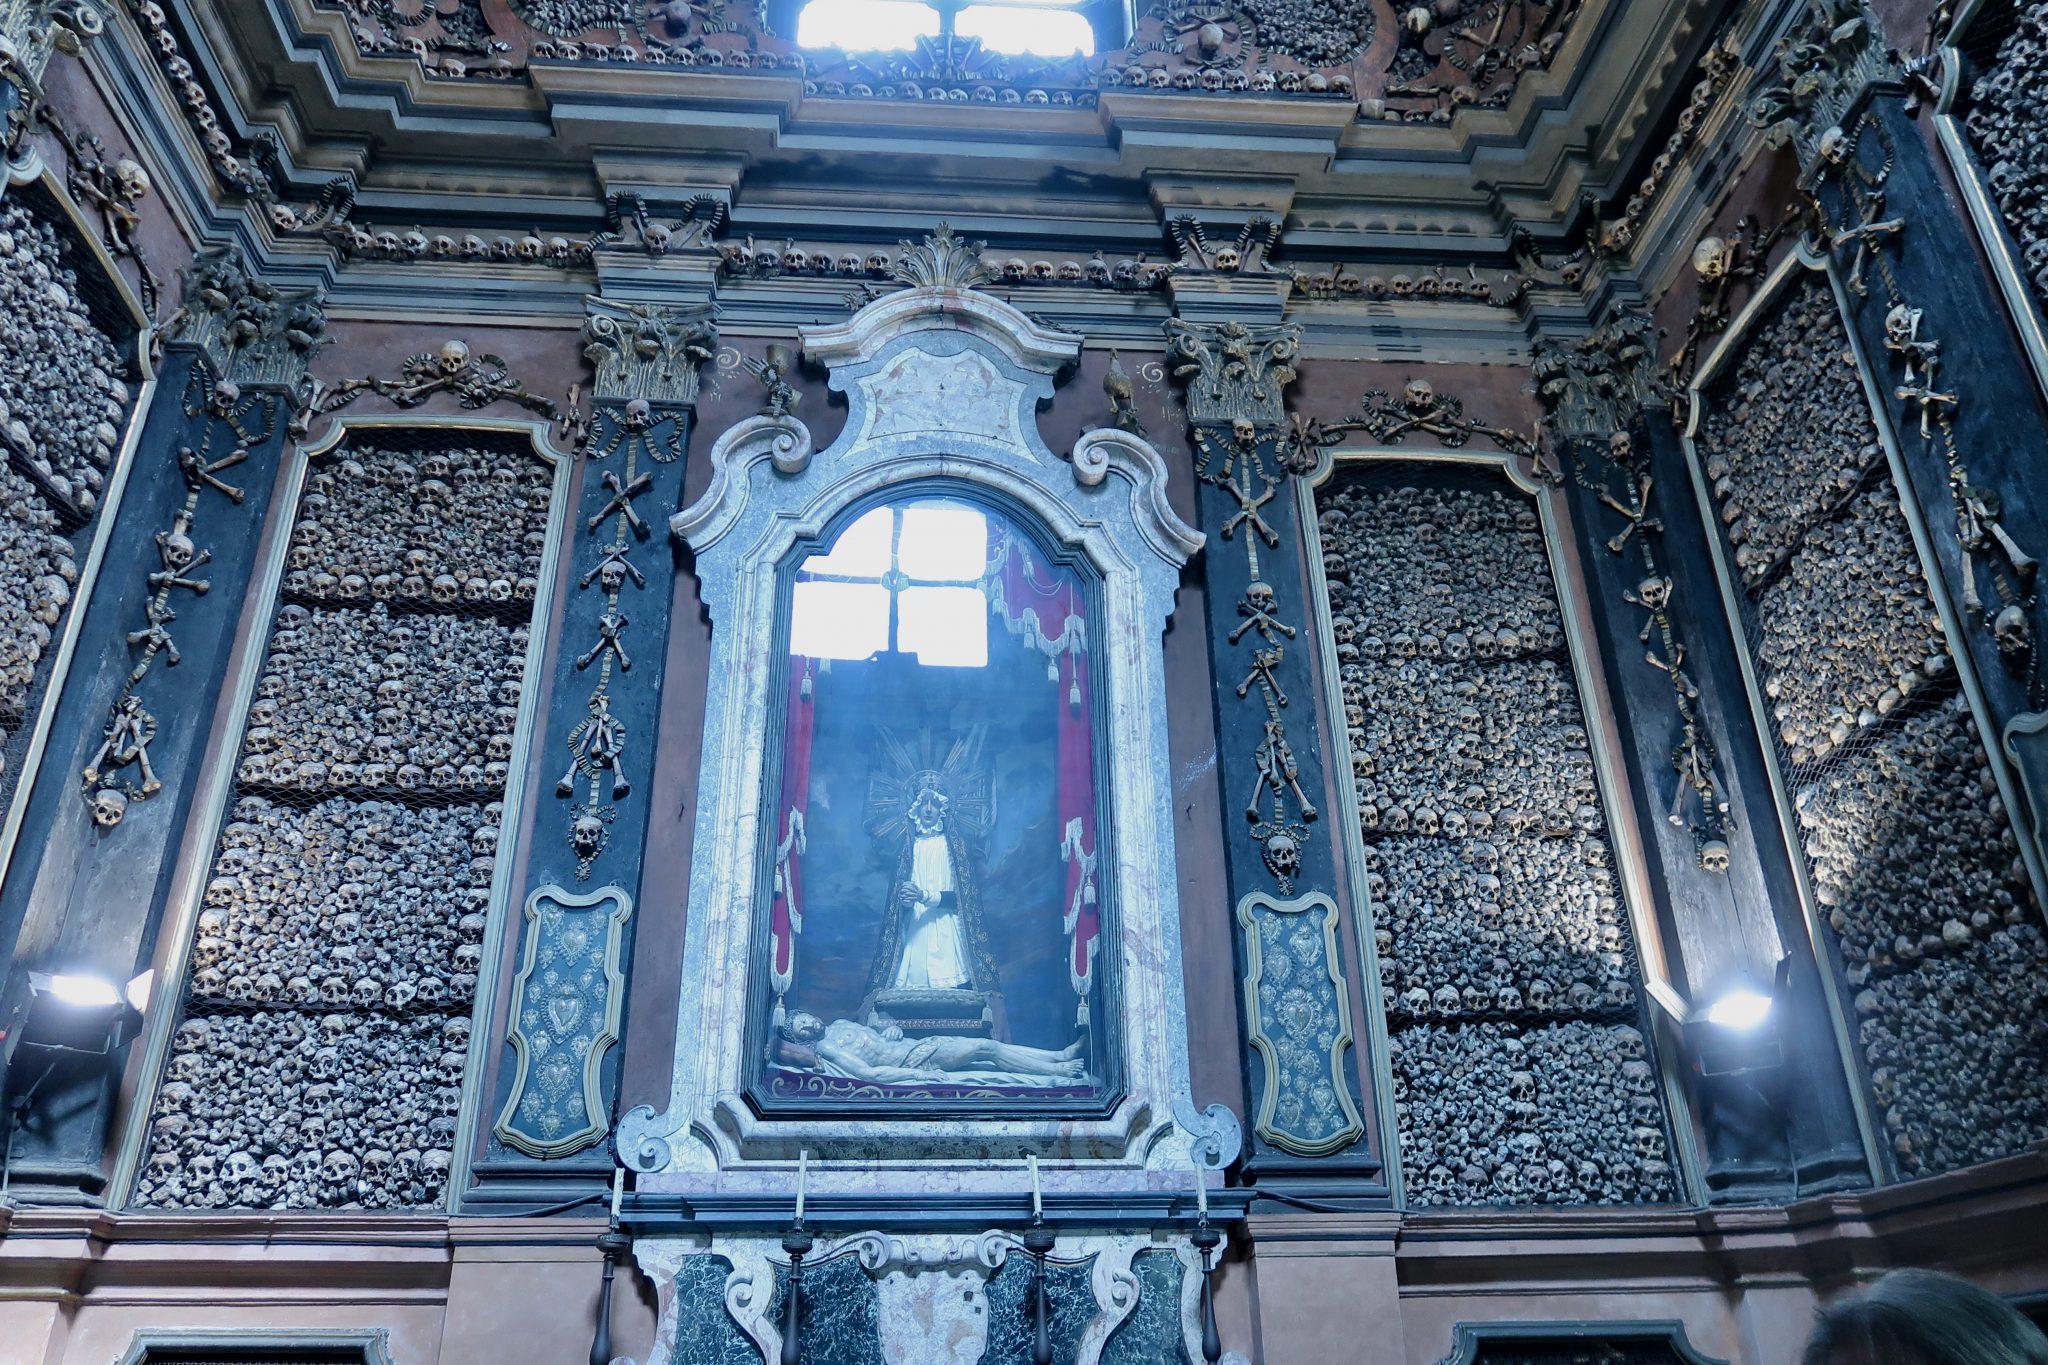 Mailand: Chiesa di San Bernardino alle Ossa / Knochenkirche (neben dem Hochaltar sind versilberte Herzen, Oberschenkelknochen und Schädel zu finden, welche seit dem 13. Jahrhundert gesammelt worden sind)